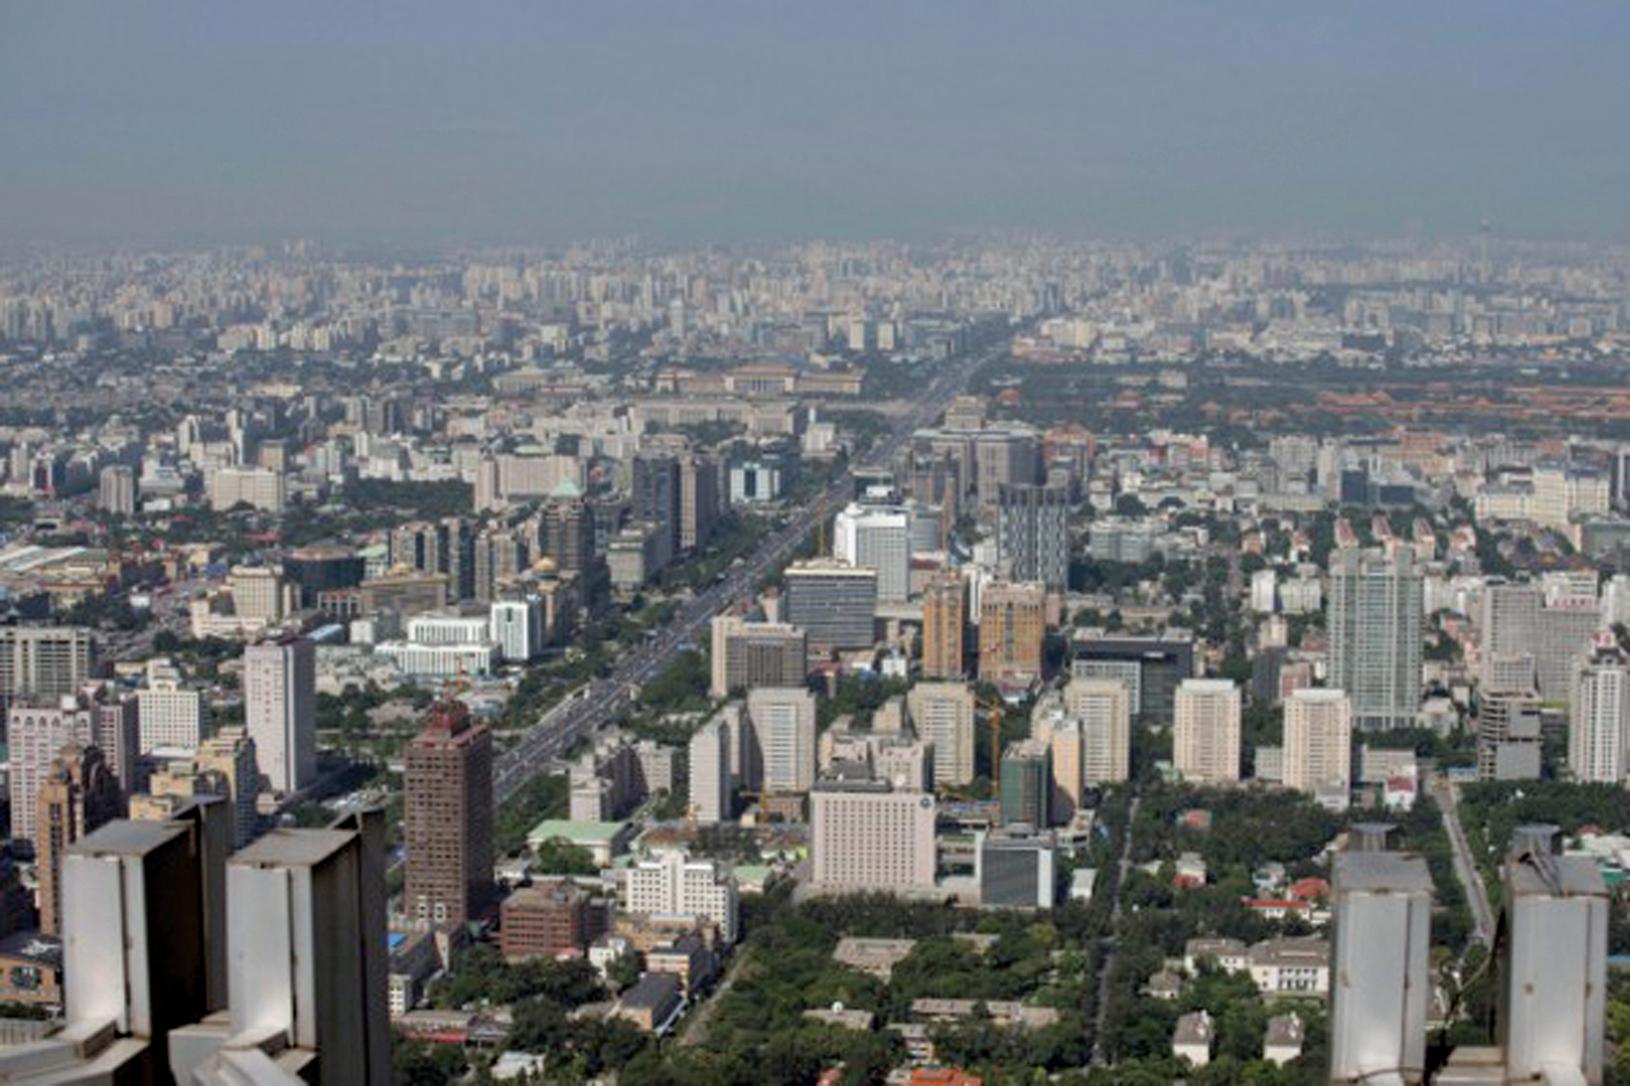 大陸房價暴漲,業界警告大陸房產市場要小心泡沫風險。圖為北京一景。(Ed Jones/AFP/Getty Images)